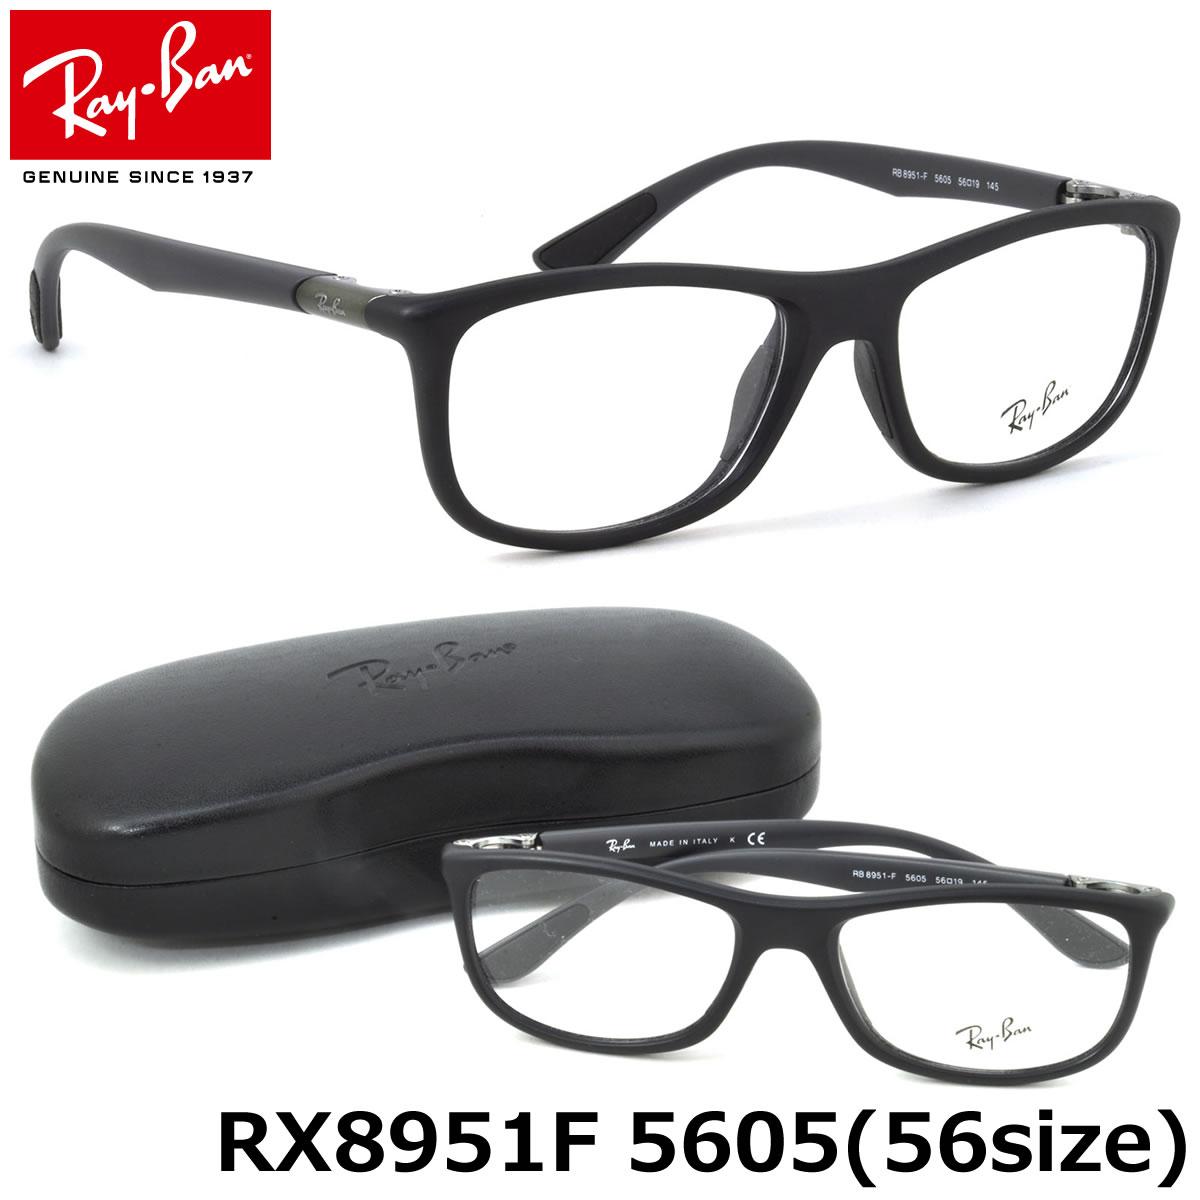 ポイント最大42倍!!お得なクーポンも !! レイバン メガネ フレーム Ray-Ban RX8951F 5605 56サイズ バネ丁番 バネ蝶番 フルフィット レイバン RAYBAN メンズ レディース